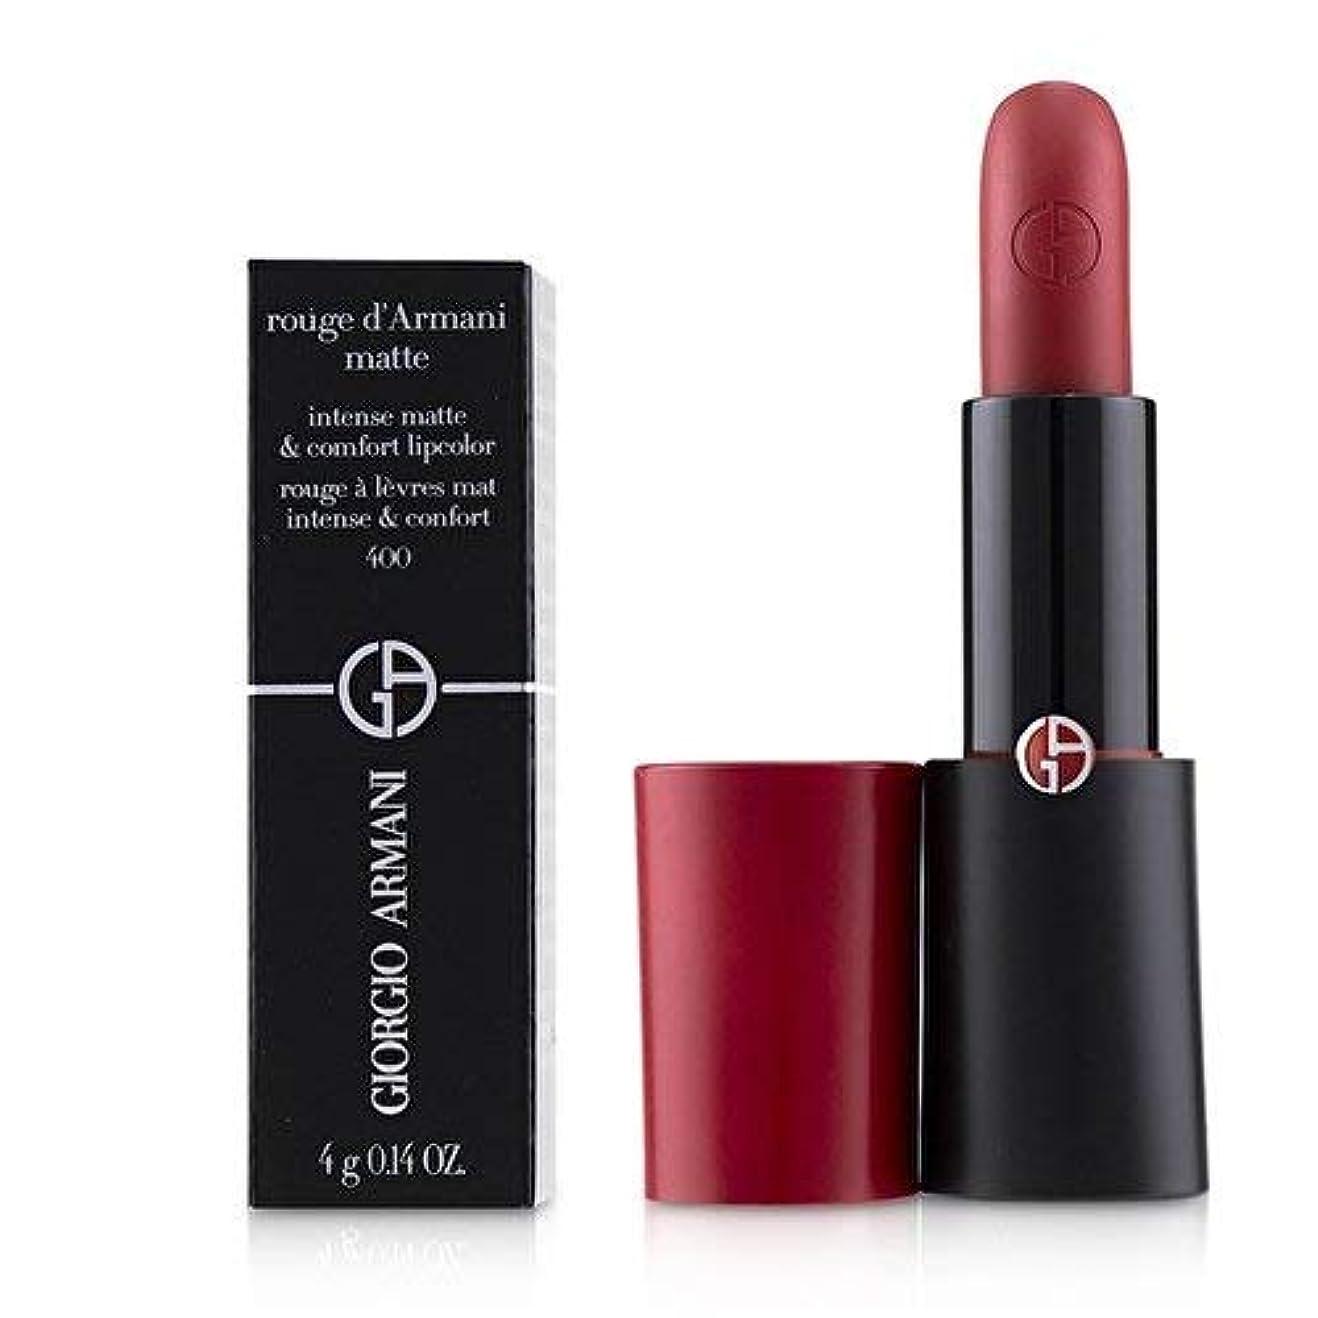 リップ息子肝ジョルジオアルマーニ Rouge D'Armani Matte Intense Matte & Comfort Lipcolor - # 400 Four Hundred 4g/0.14oz並行輸入品